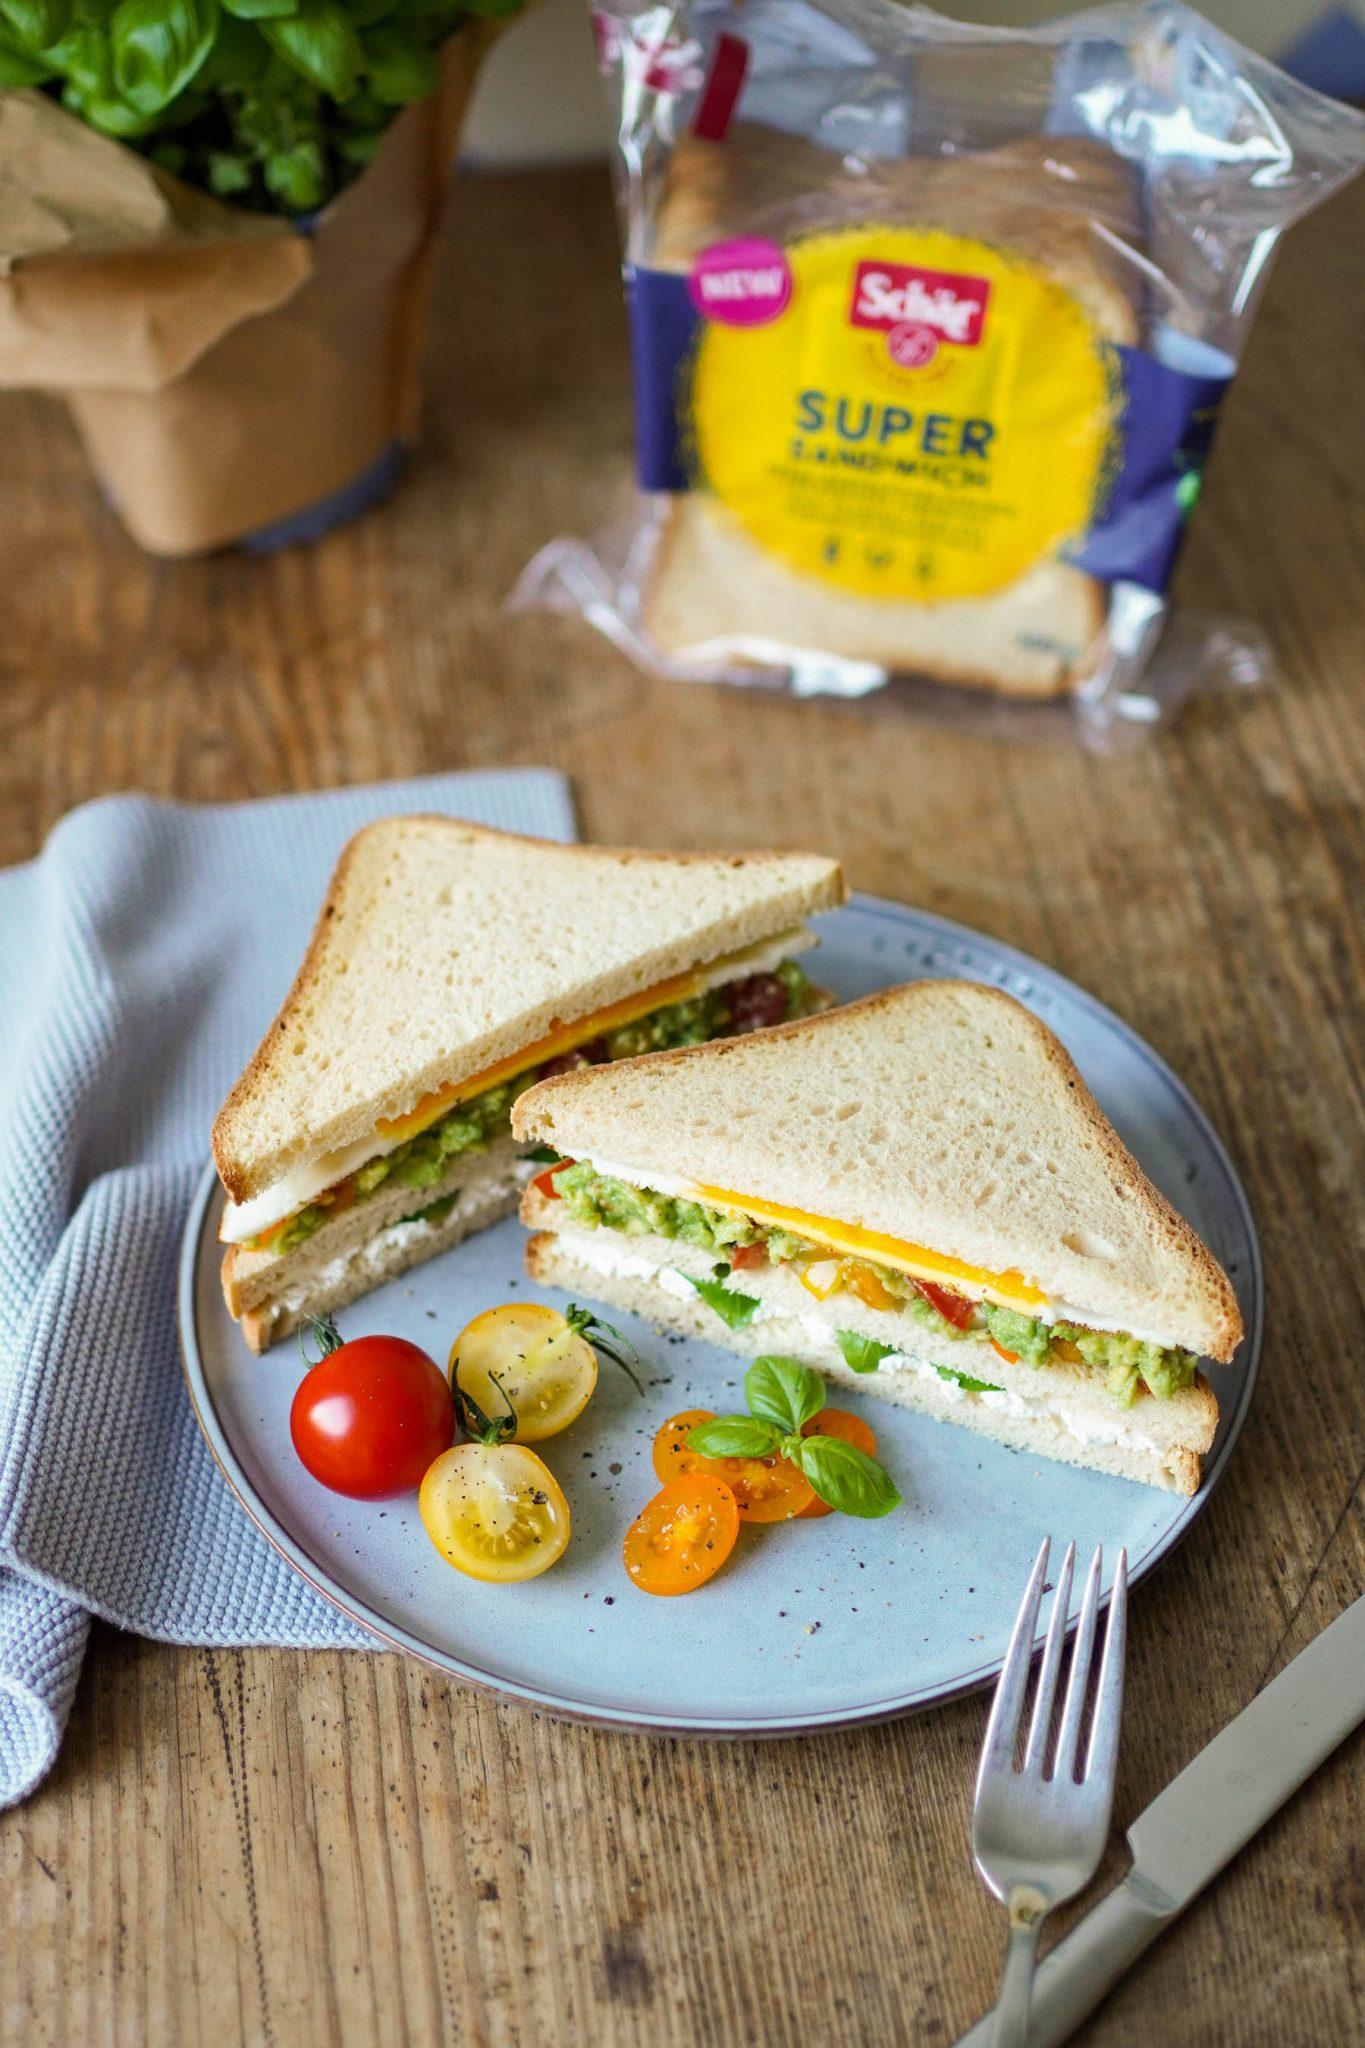 suelovesnyc_rezept_vegetarisches_club_sandwich_glutenfrei_schaer_super_sandwich_glutenfrei_3